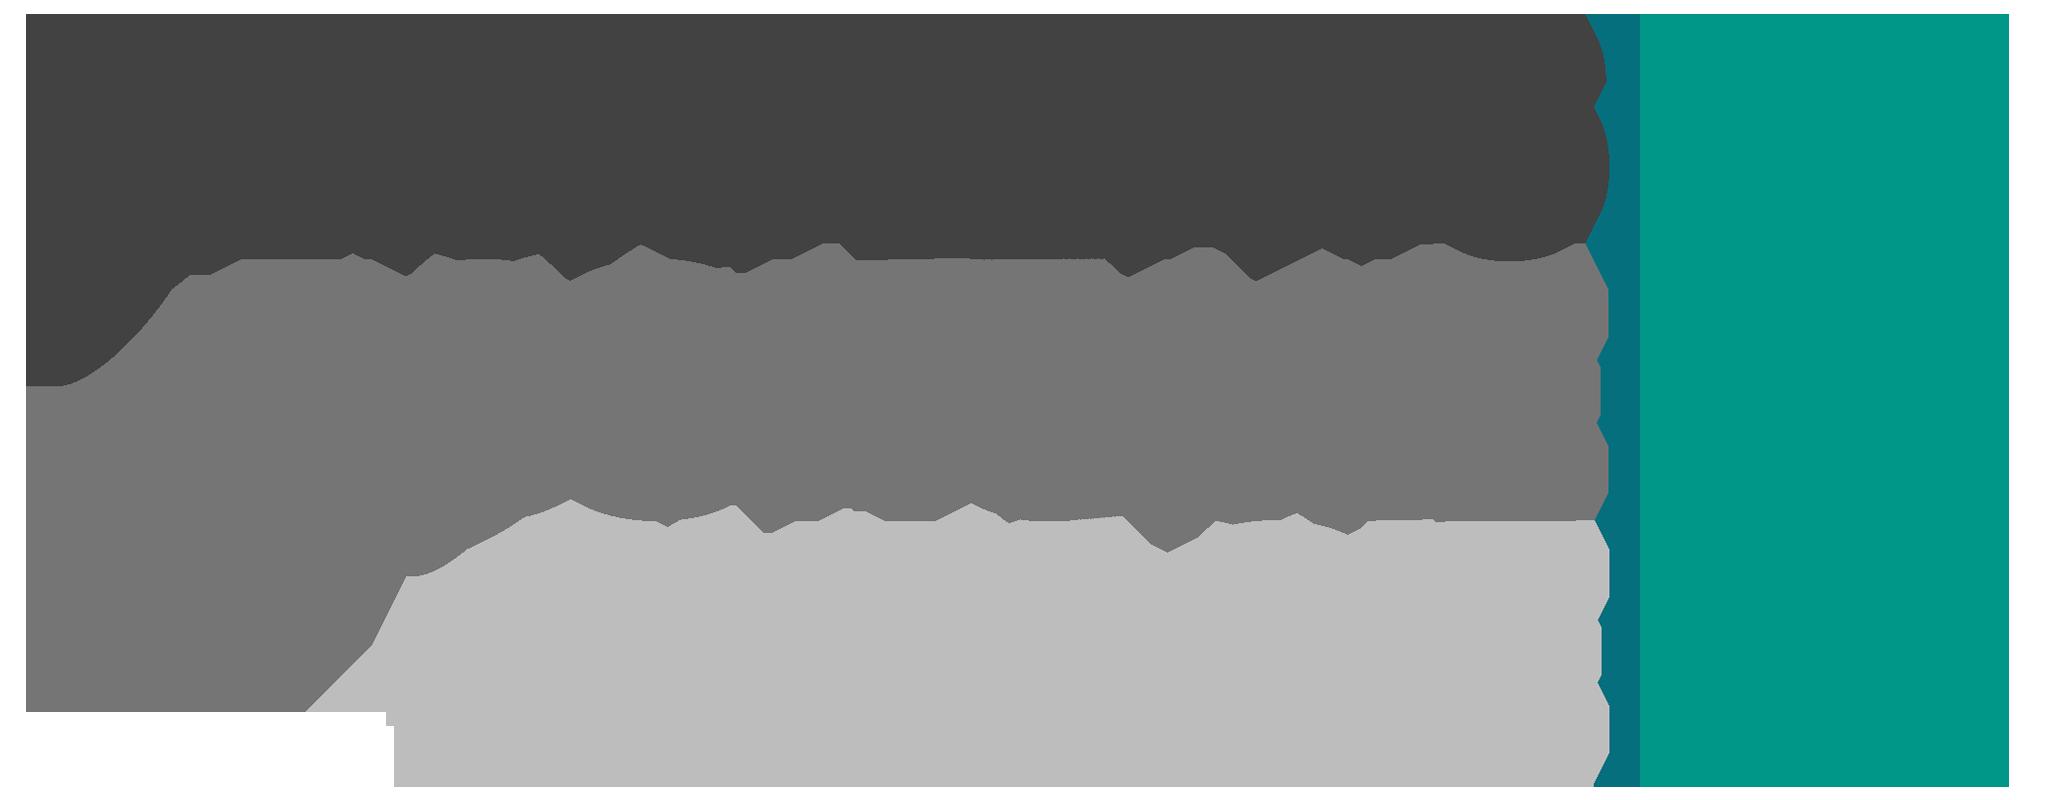 certificats d'économies d'énergie.net